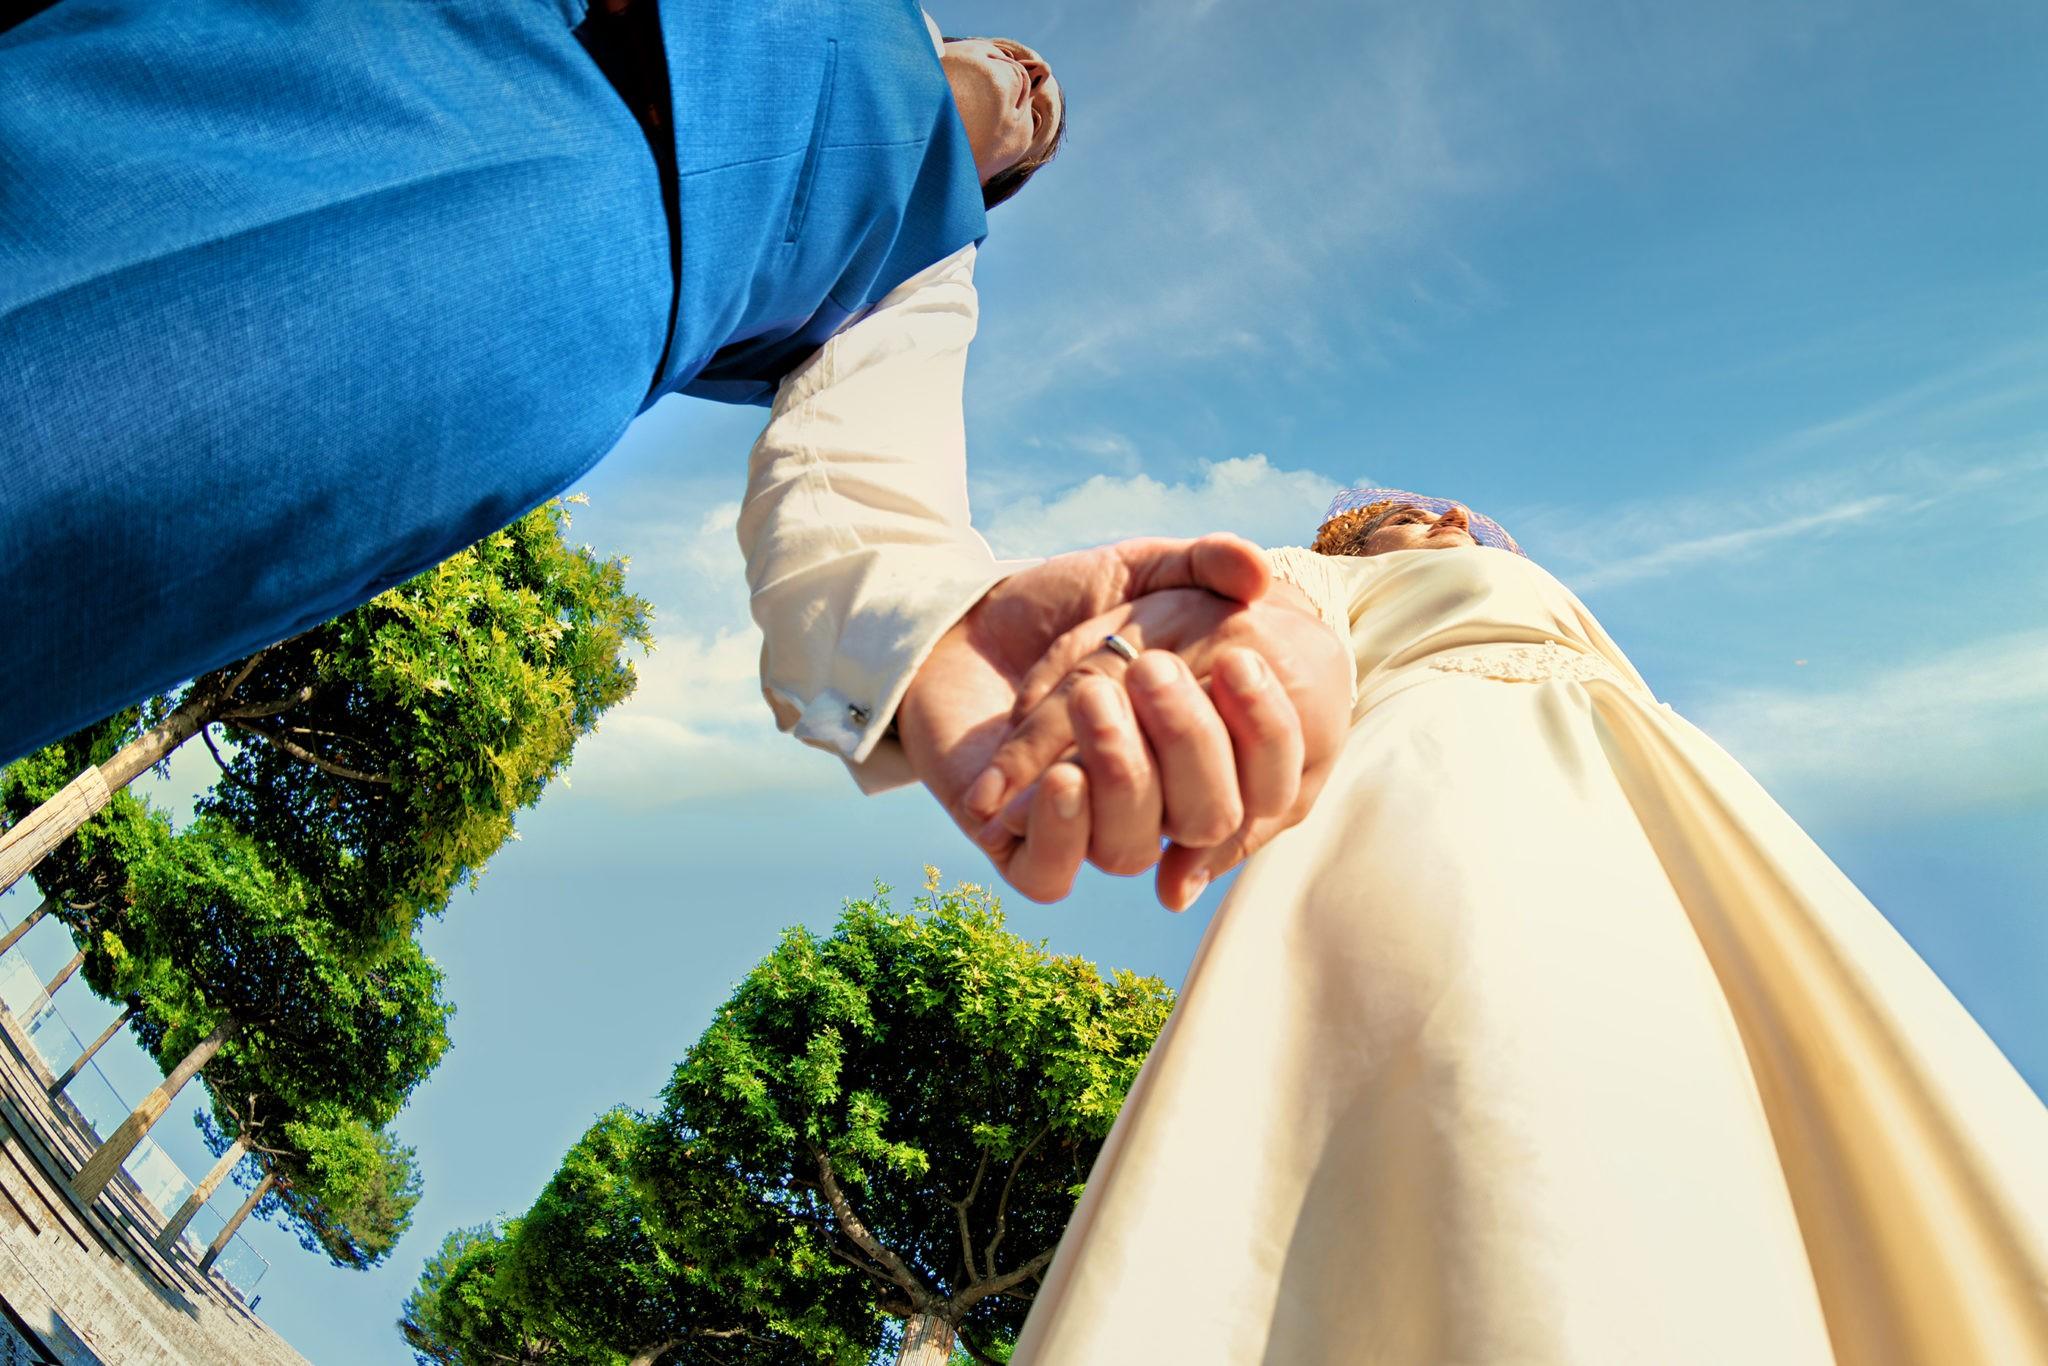 Парк Галицкого, свадебная фотосъемка в амфитеатре от Краснодарского свадебного фотографа